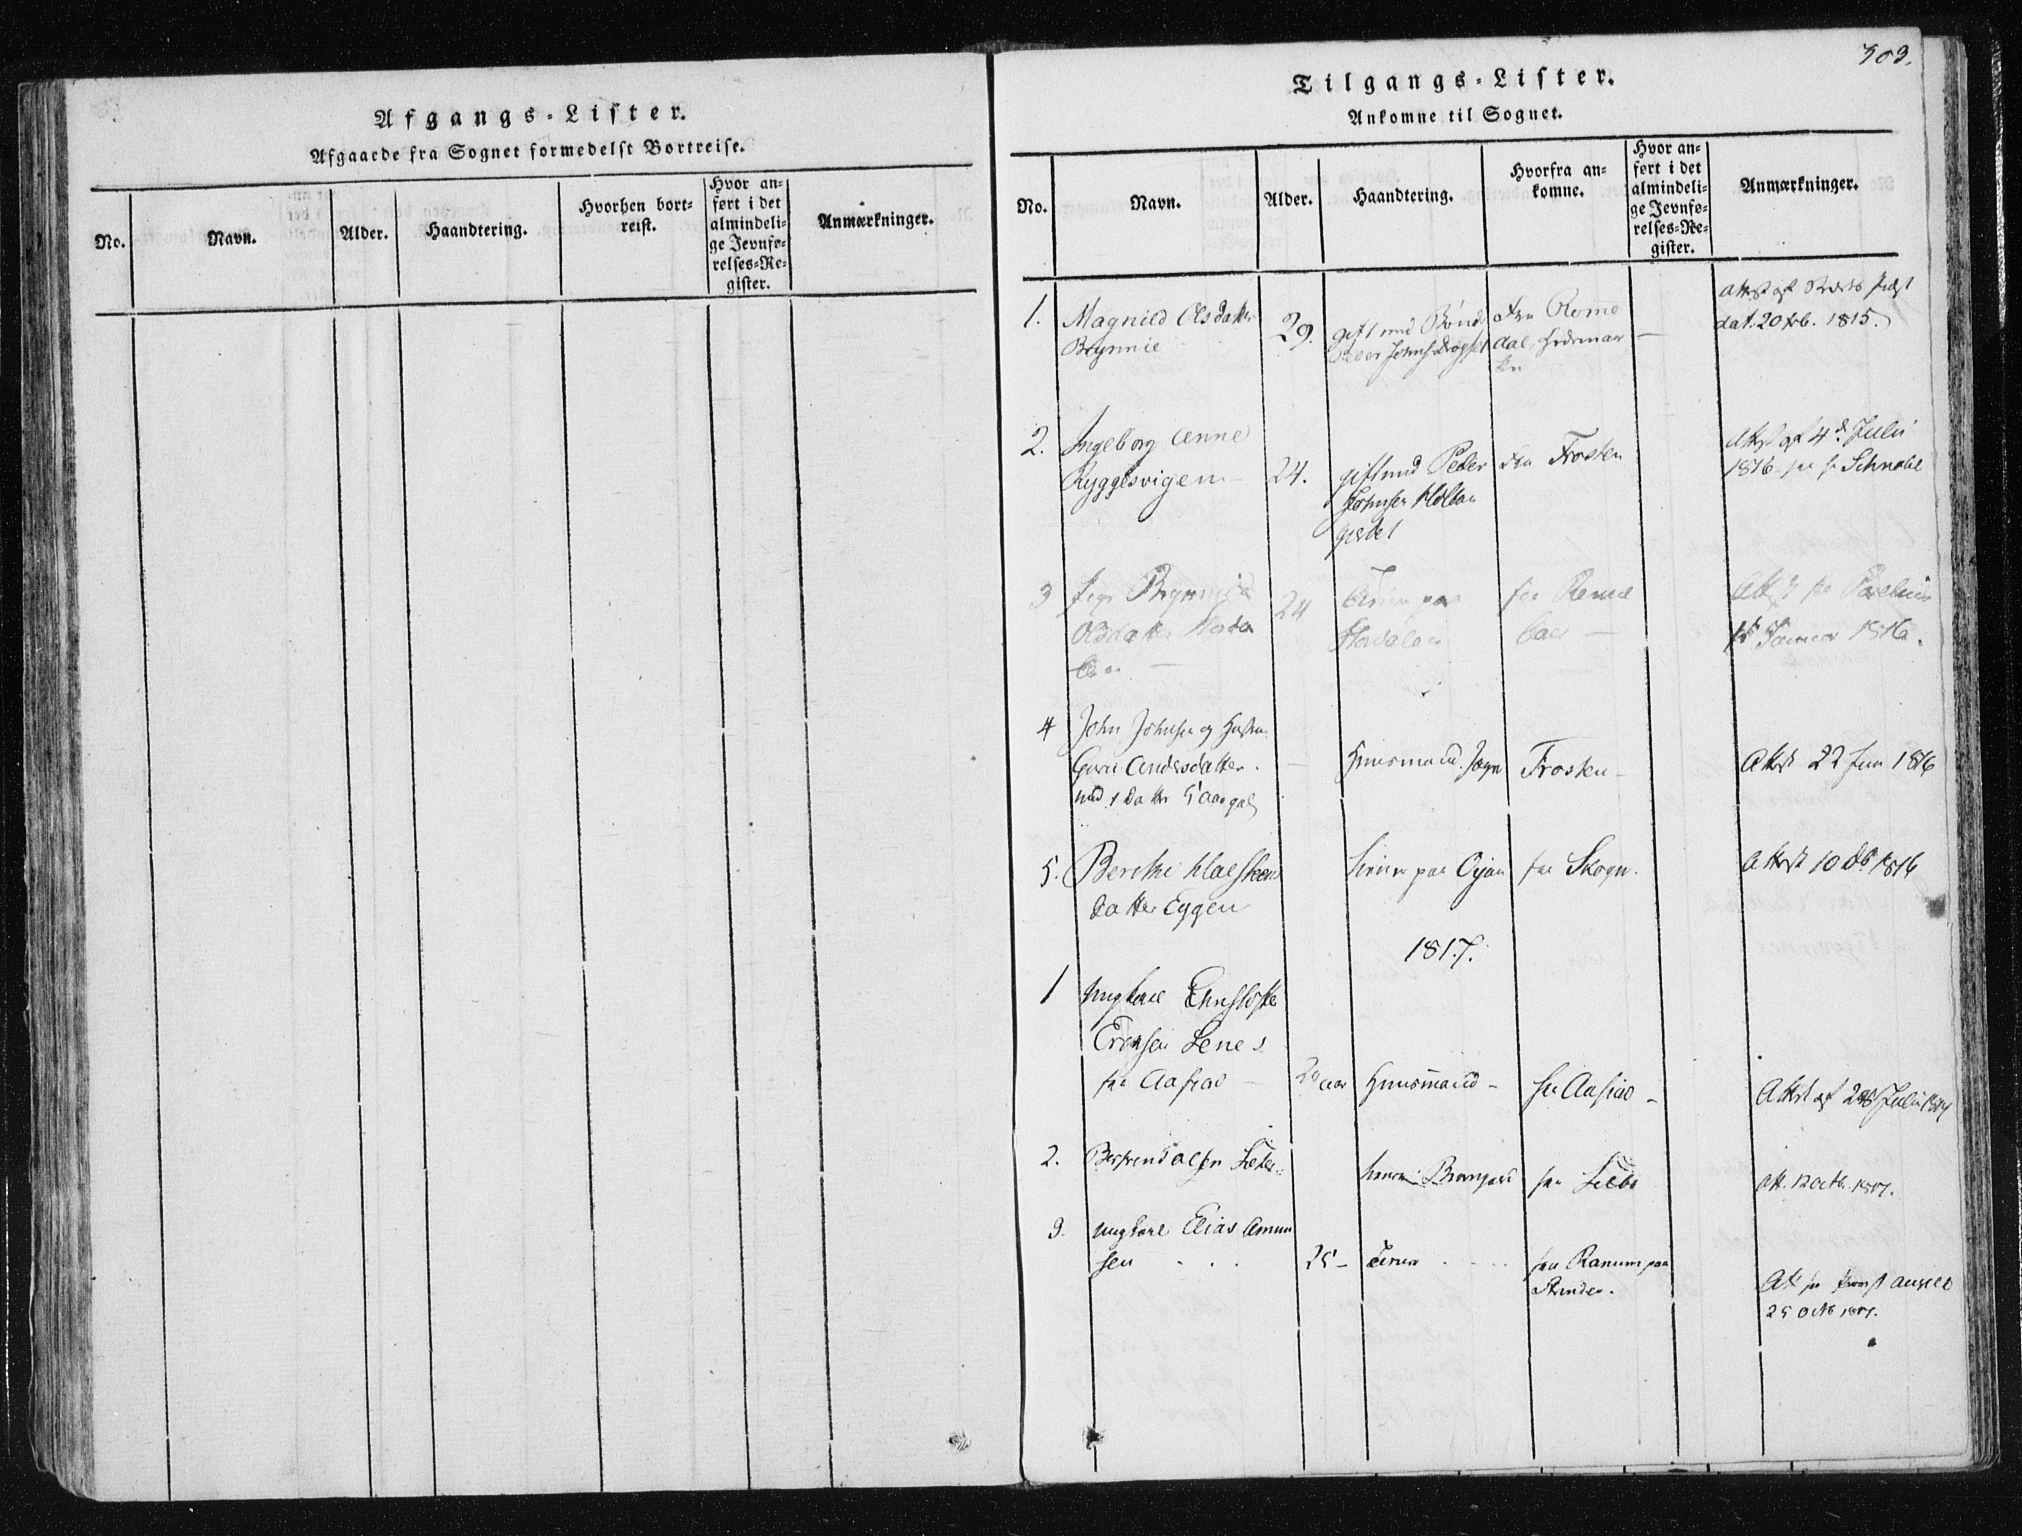 SAT, Ministerialprotokoller, klokkerbøker og fødselsregistre - Nord-Trøndelag, 709/L0061: Ministerialbok nr. 709A08 /1, 1815-1819, s. 303